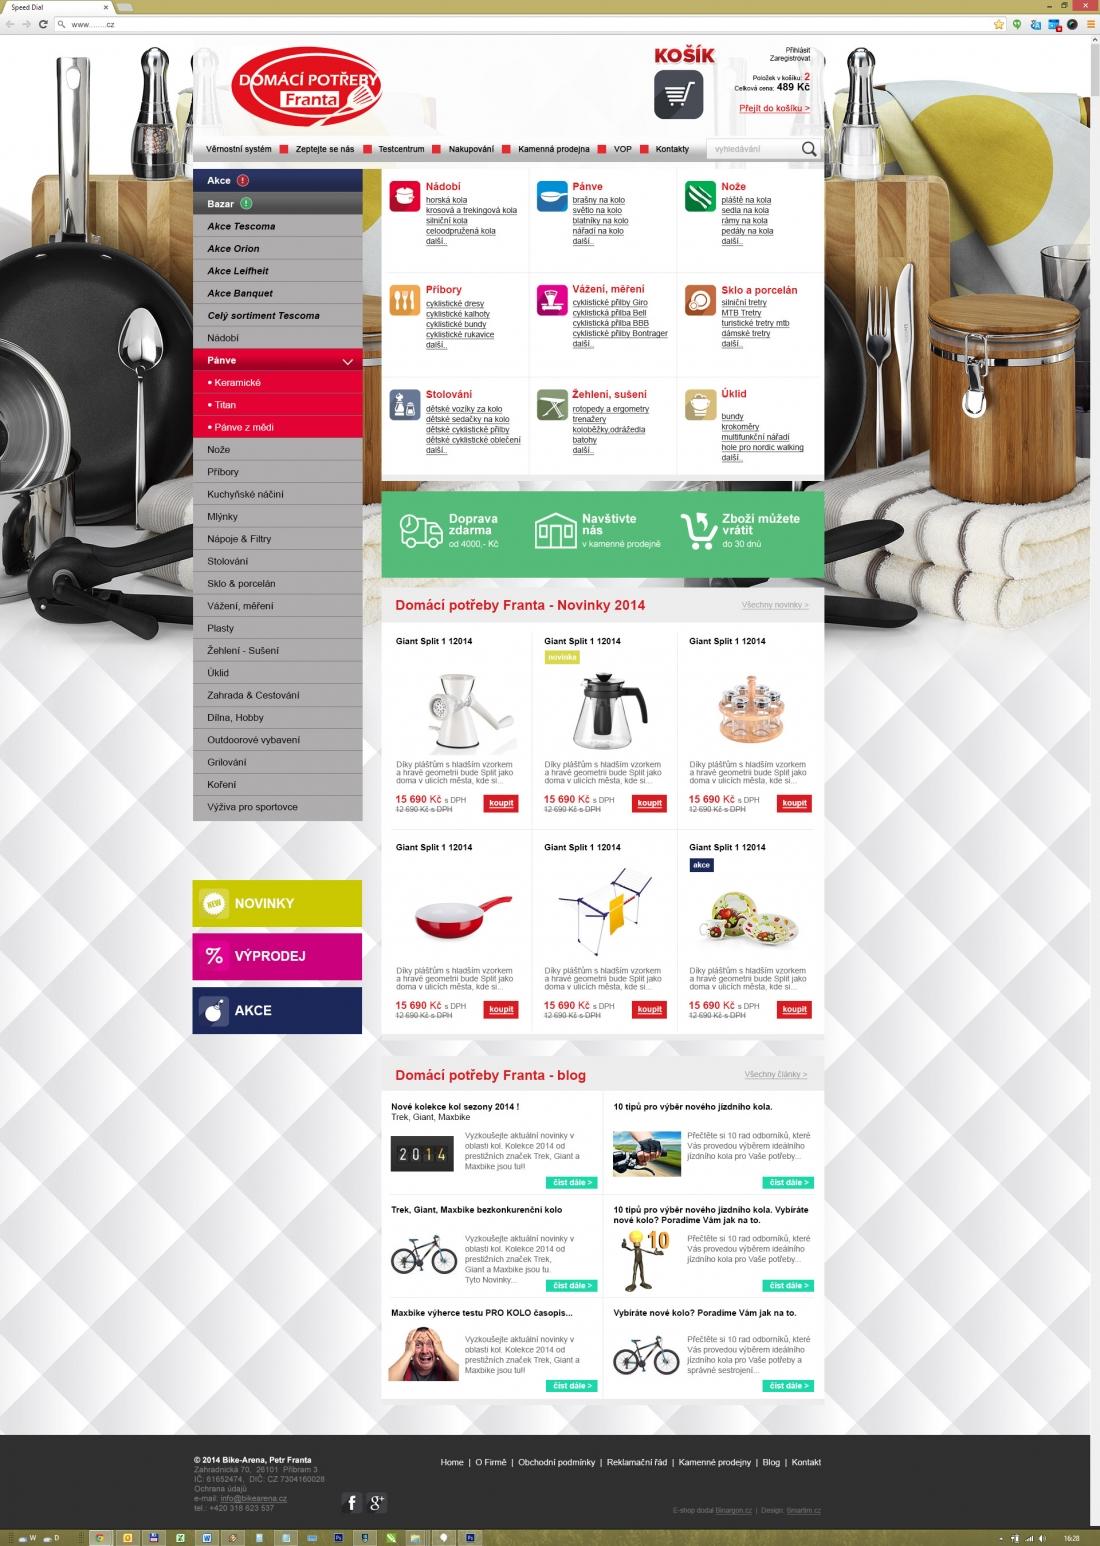 úprava designu webu Domácí potřeby Franta